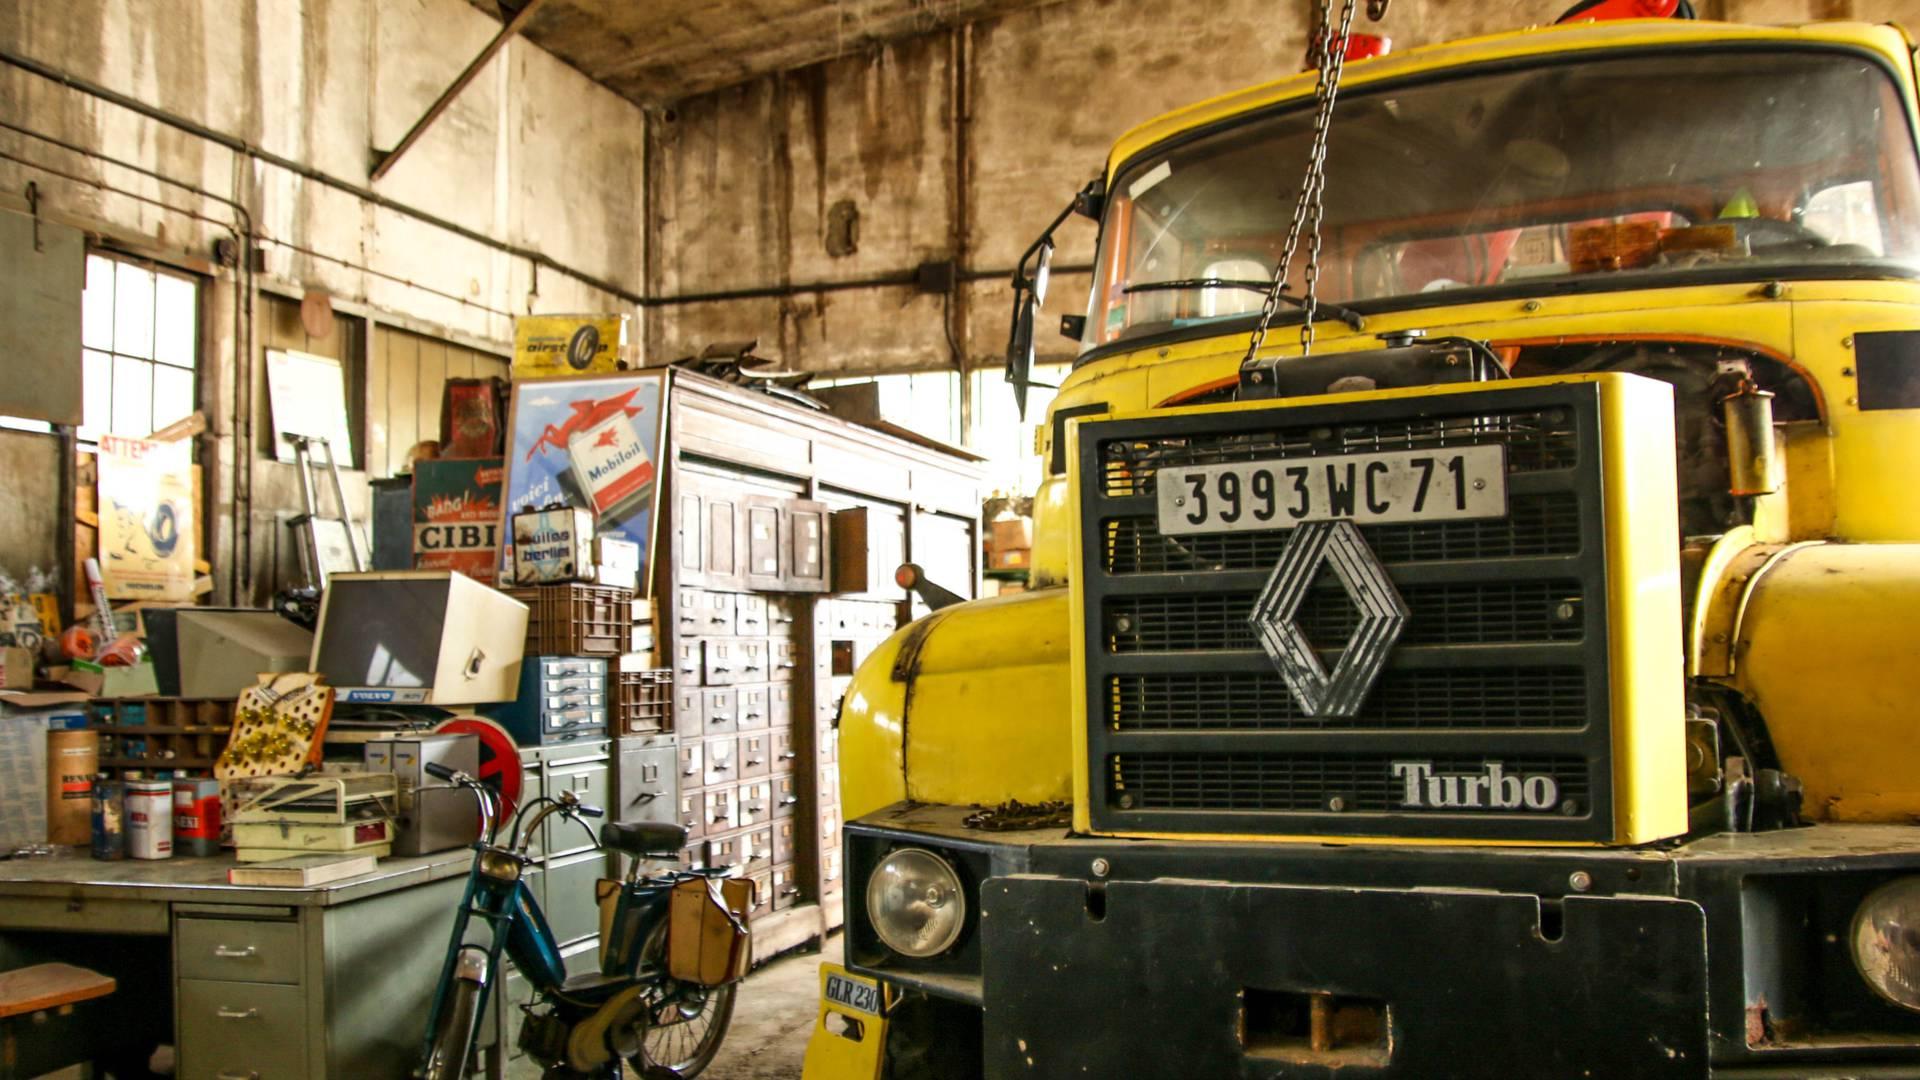 Détail d'un camion exposé à l'Uisne Aillot, Montceau-les-Mines. © Lesley Williamson.